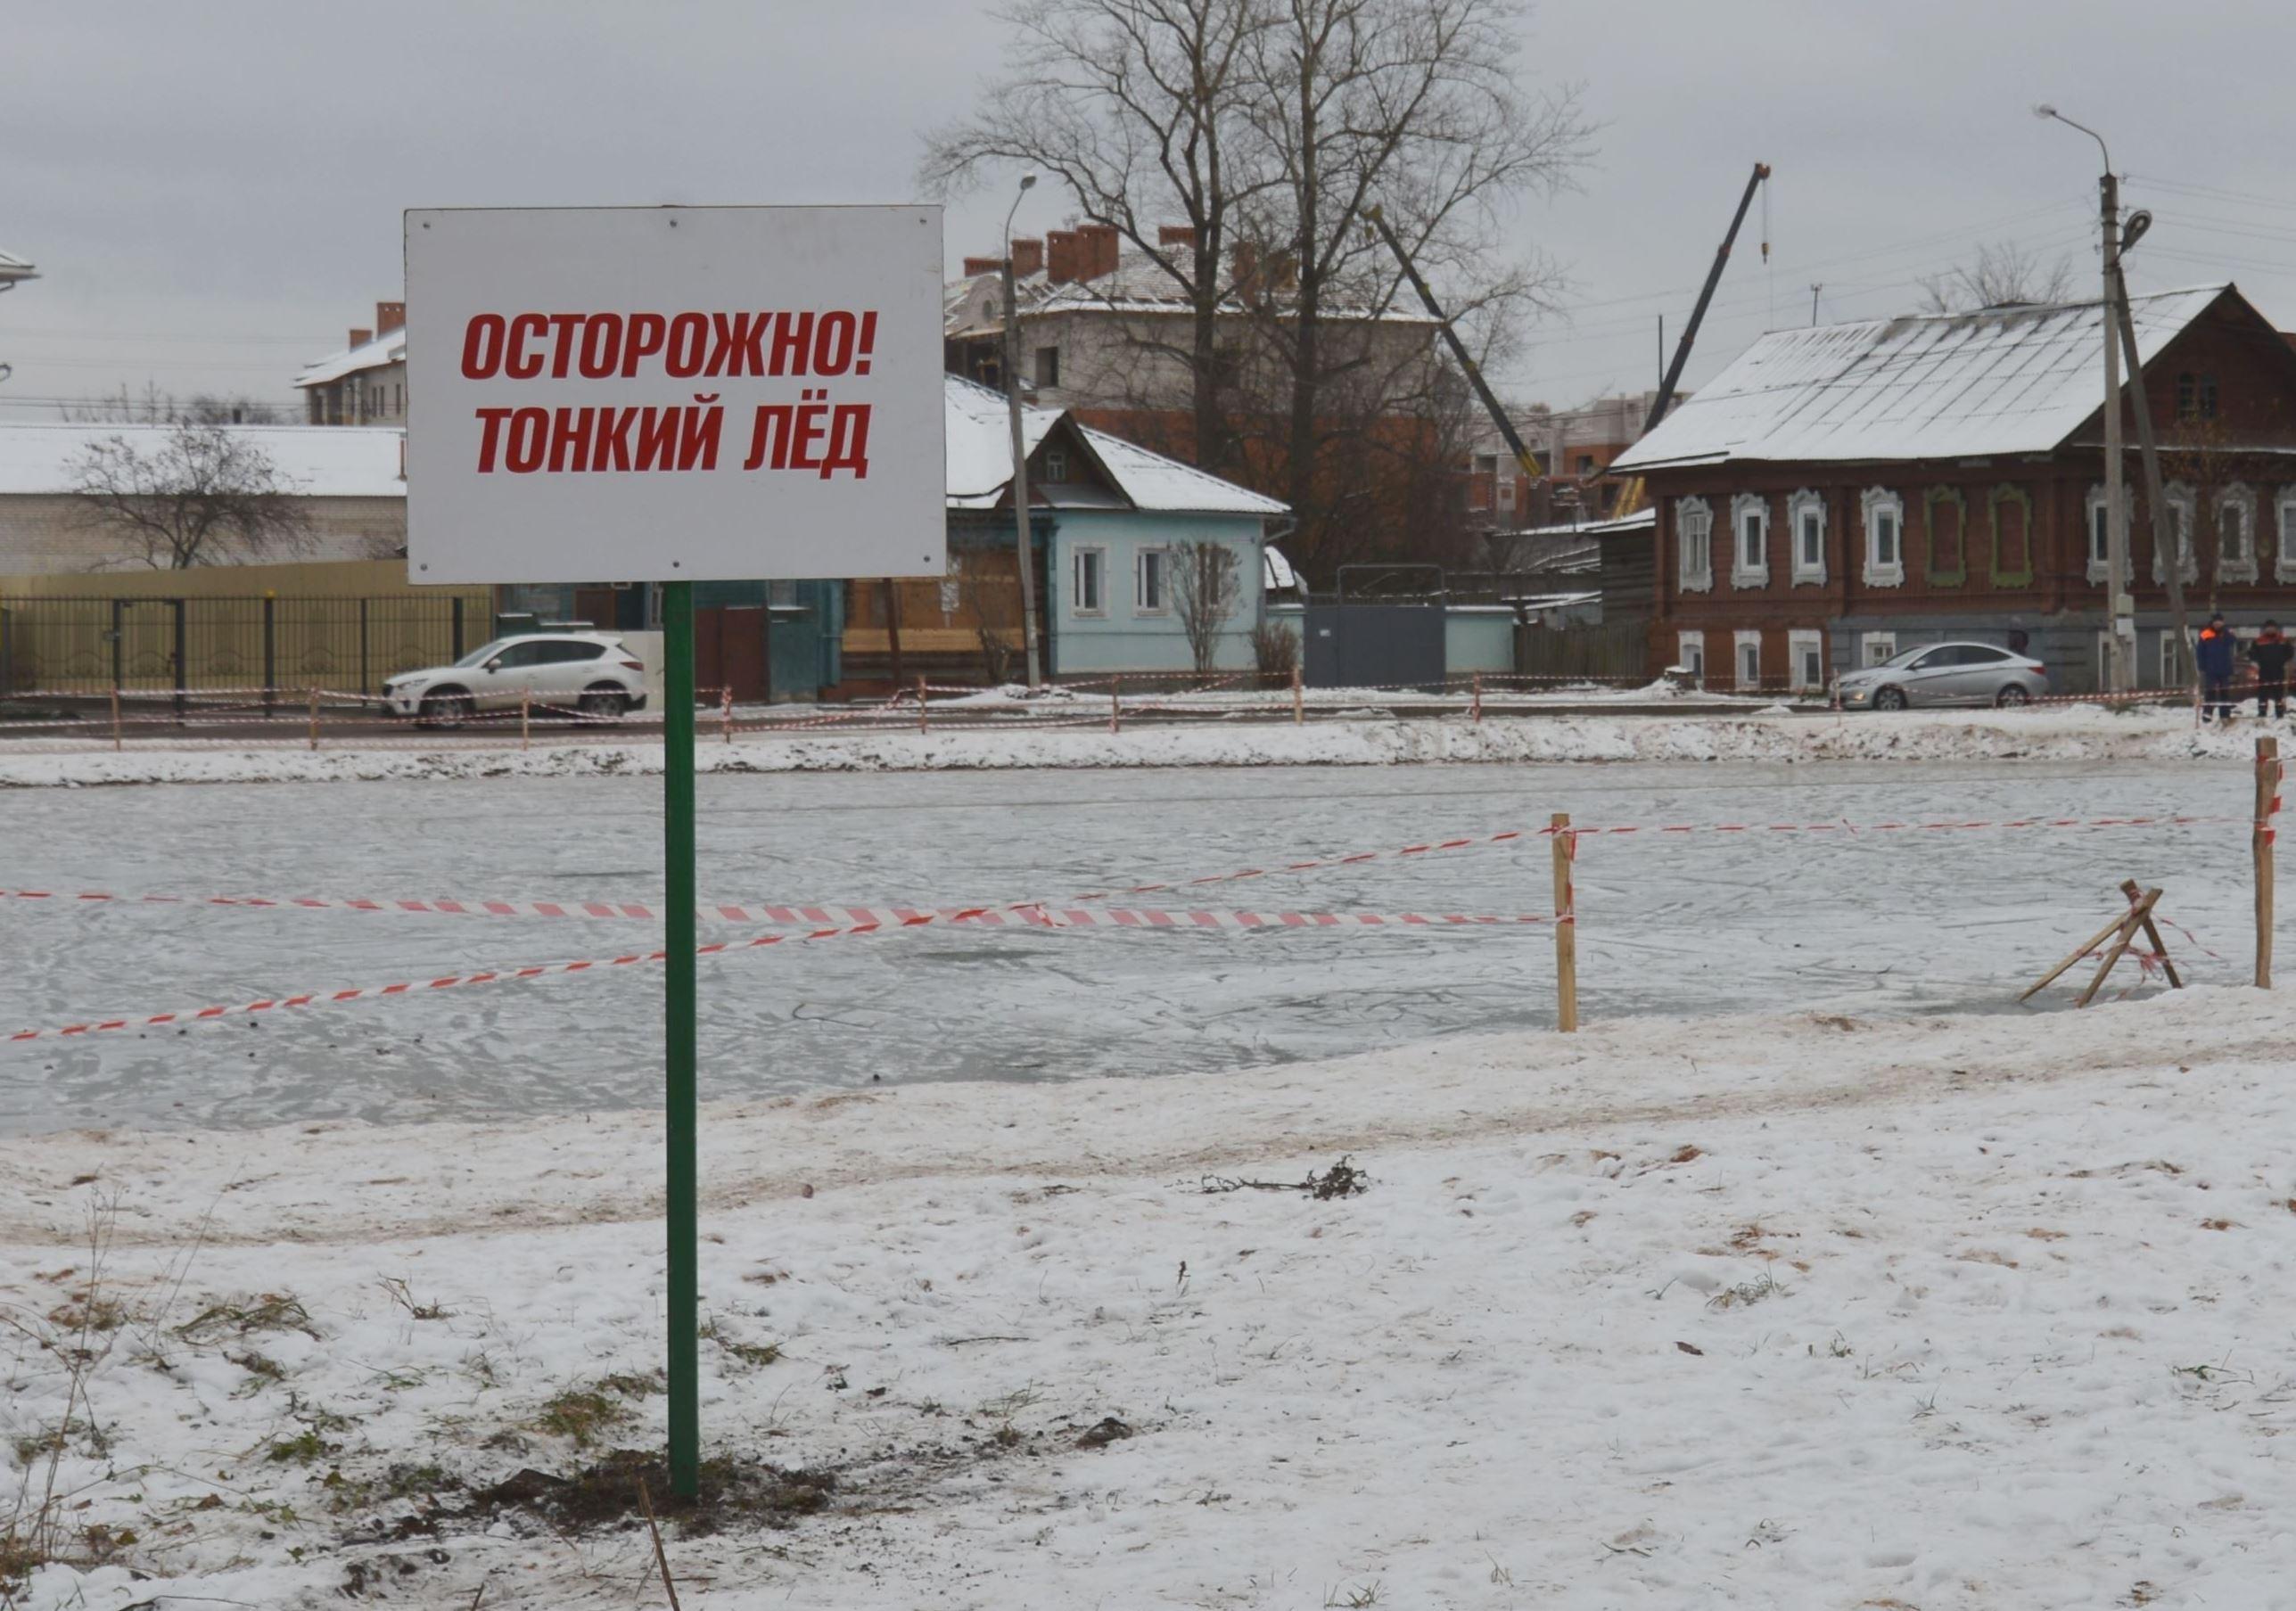 В Костроме определены первоочередные меры по обеспечению безопасности на водоёмах в осенне-зимний период